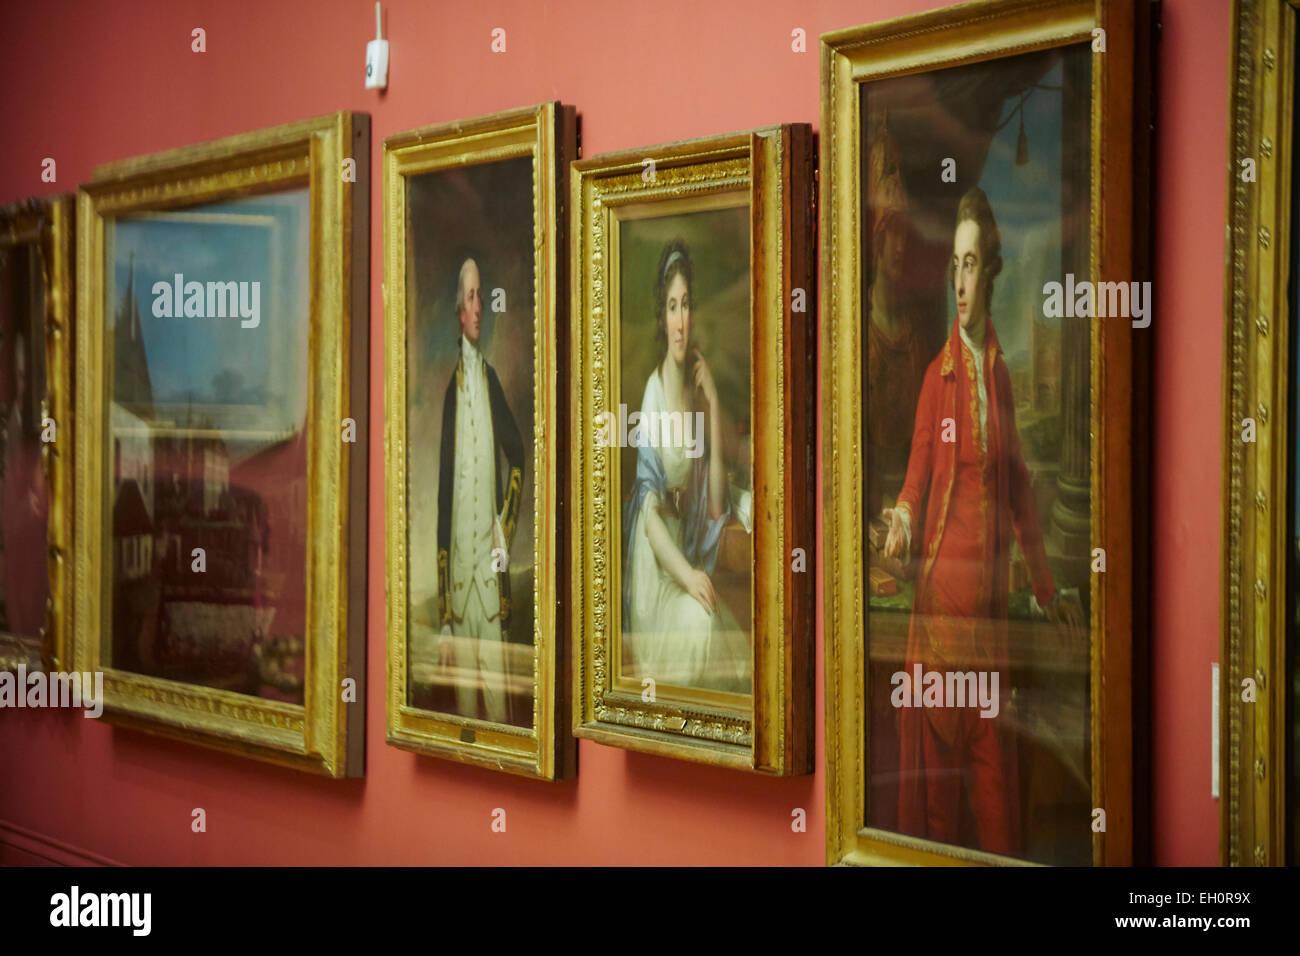 Niedlich Walmart Gerahmte Kunst Fotos - Benutzerdefinierte ...